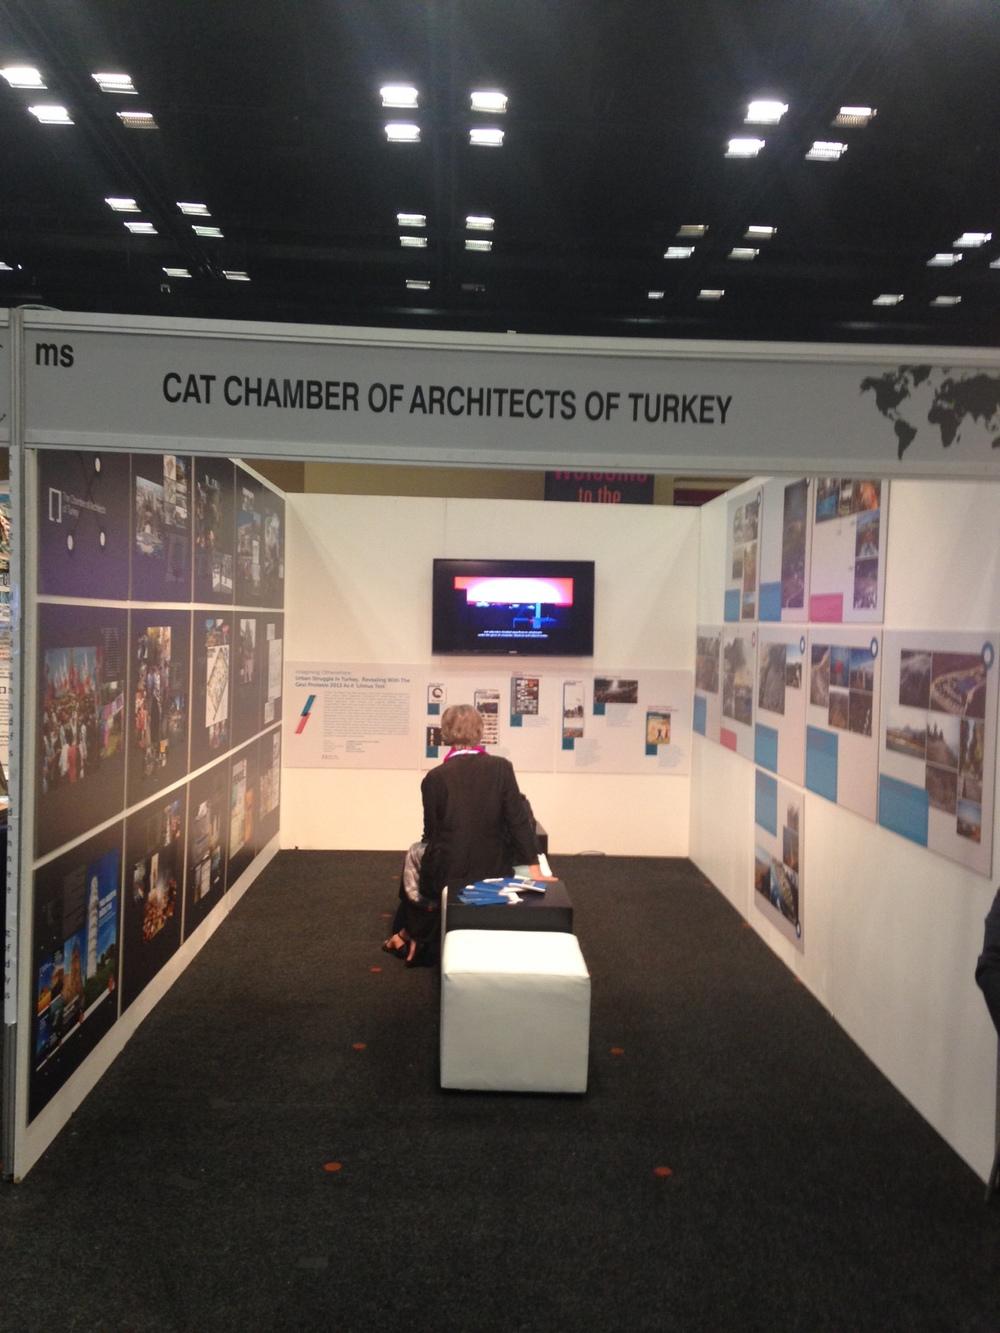 Eleştirel yaklaşımı ve toplumsal duyarlılığı ile öne çıkan 'Gezi' temalı Mimarlar Odası standı